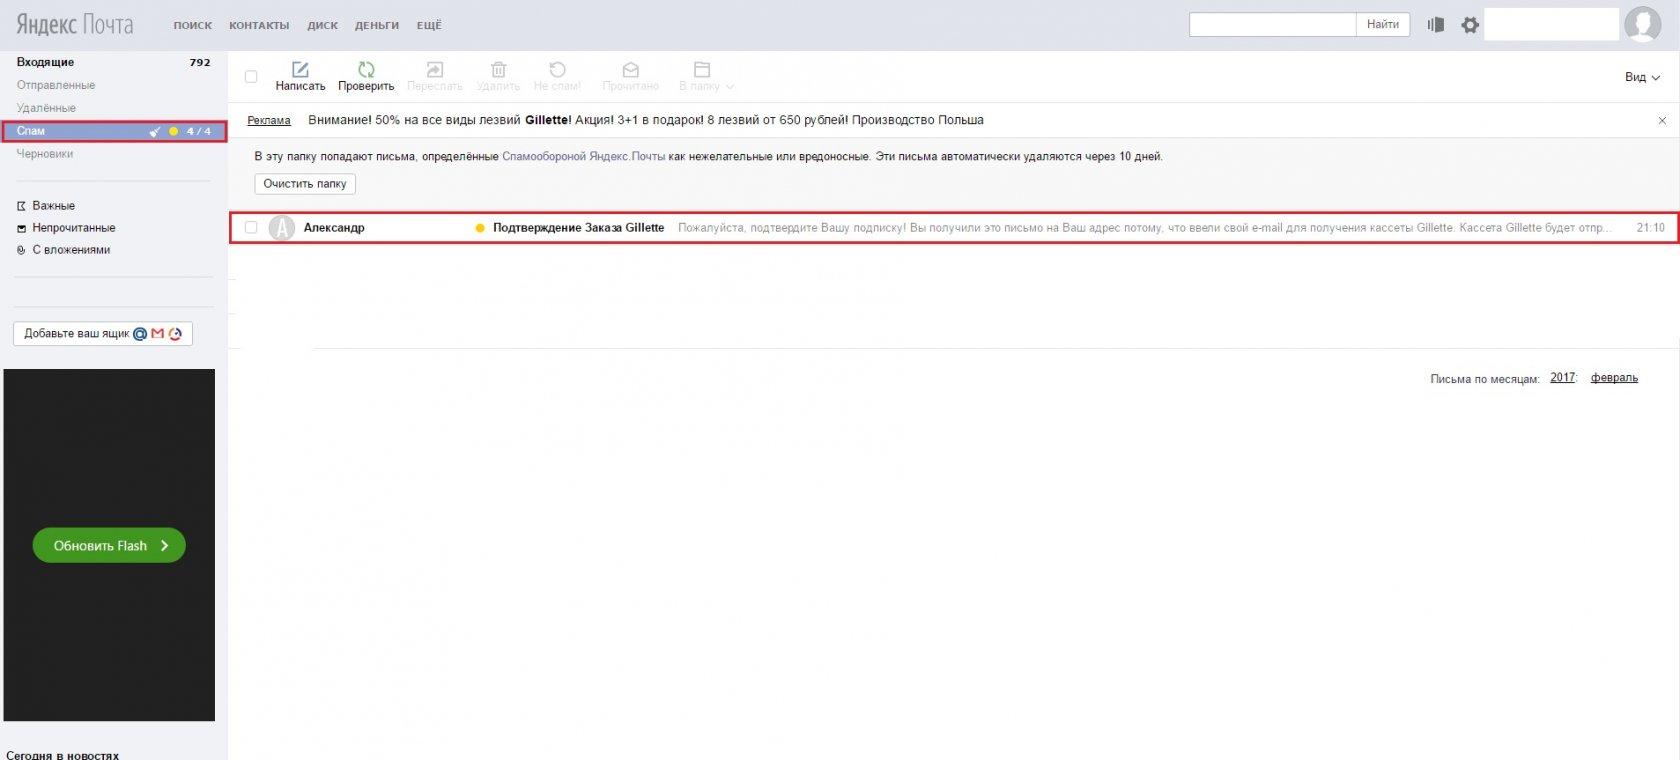 Помощь Почта - Уведомления в браузере 2